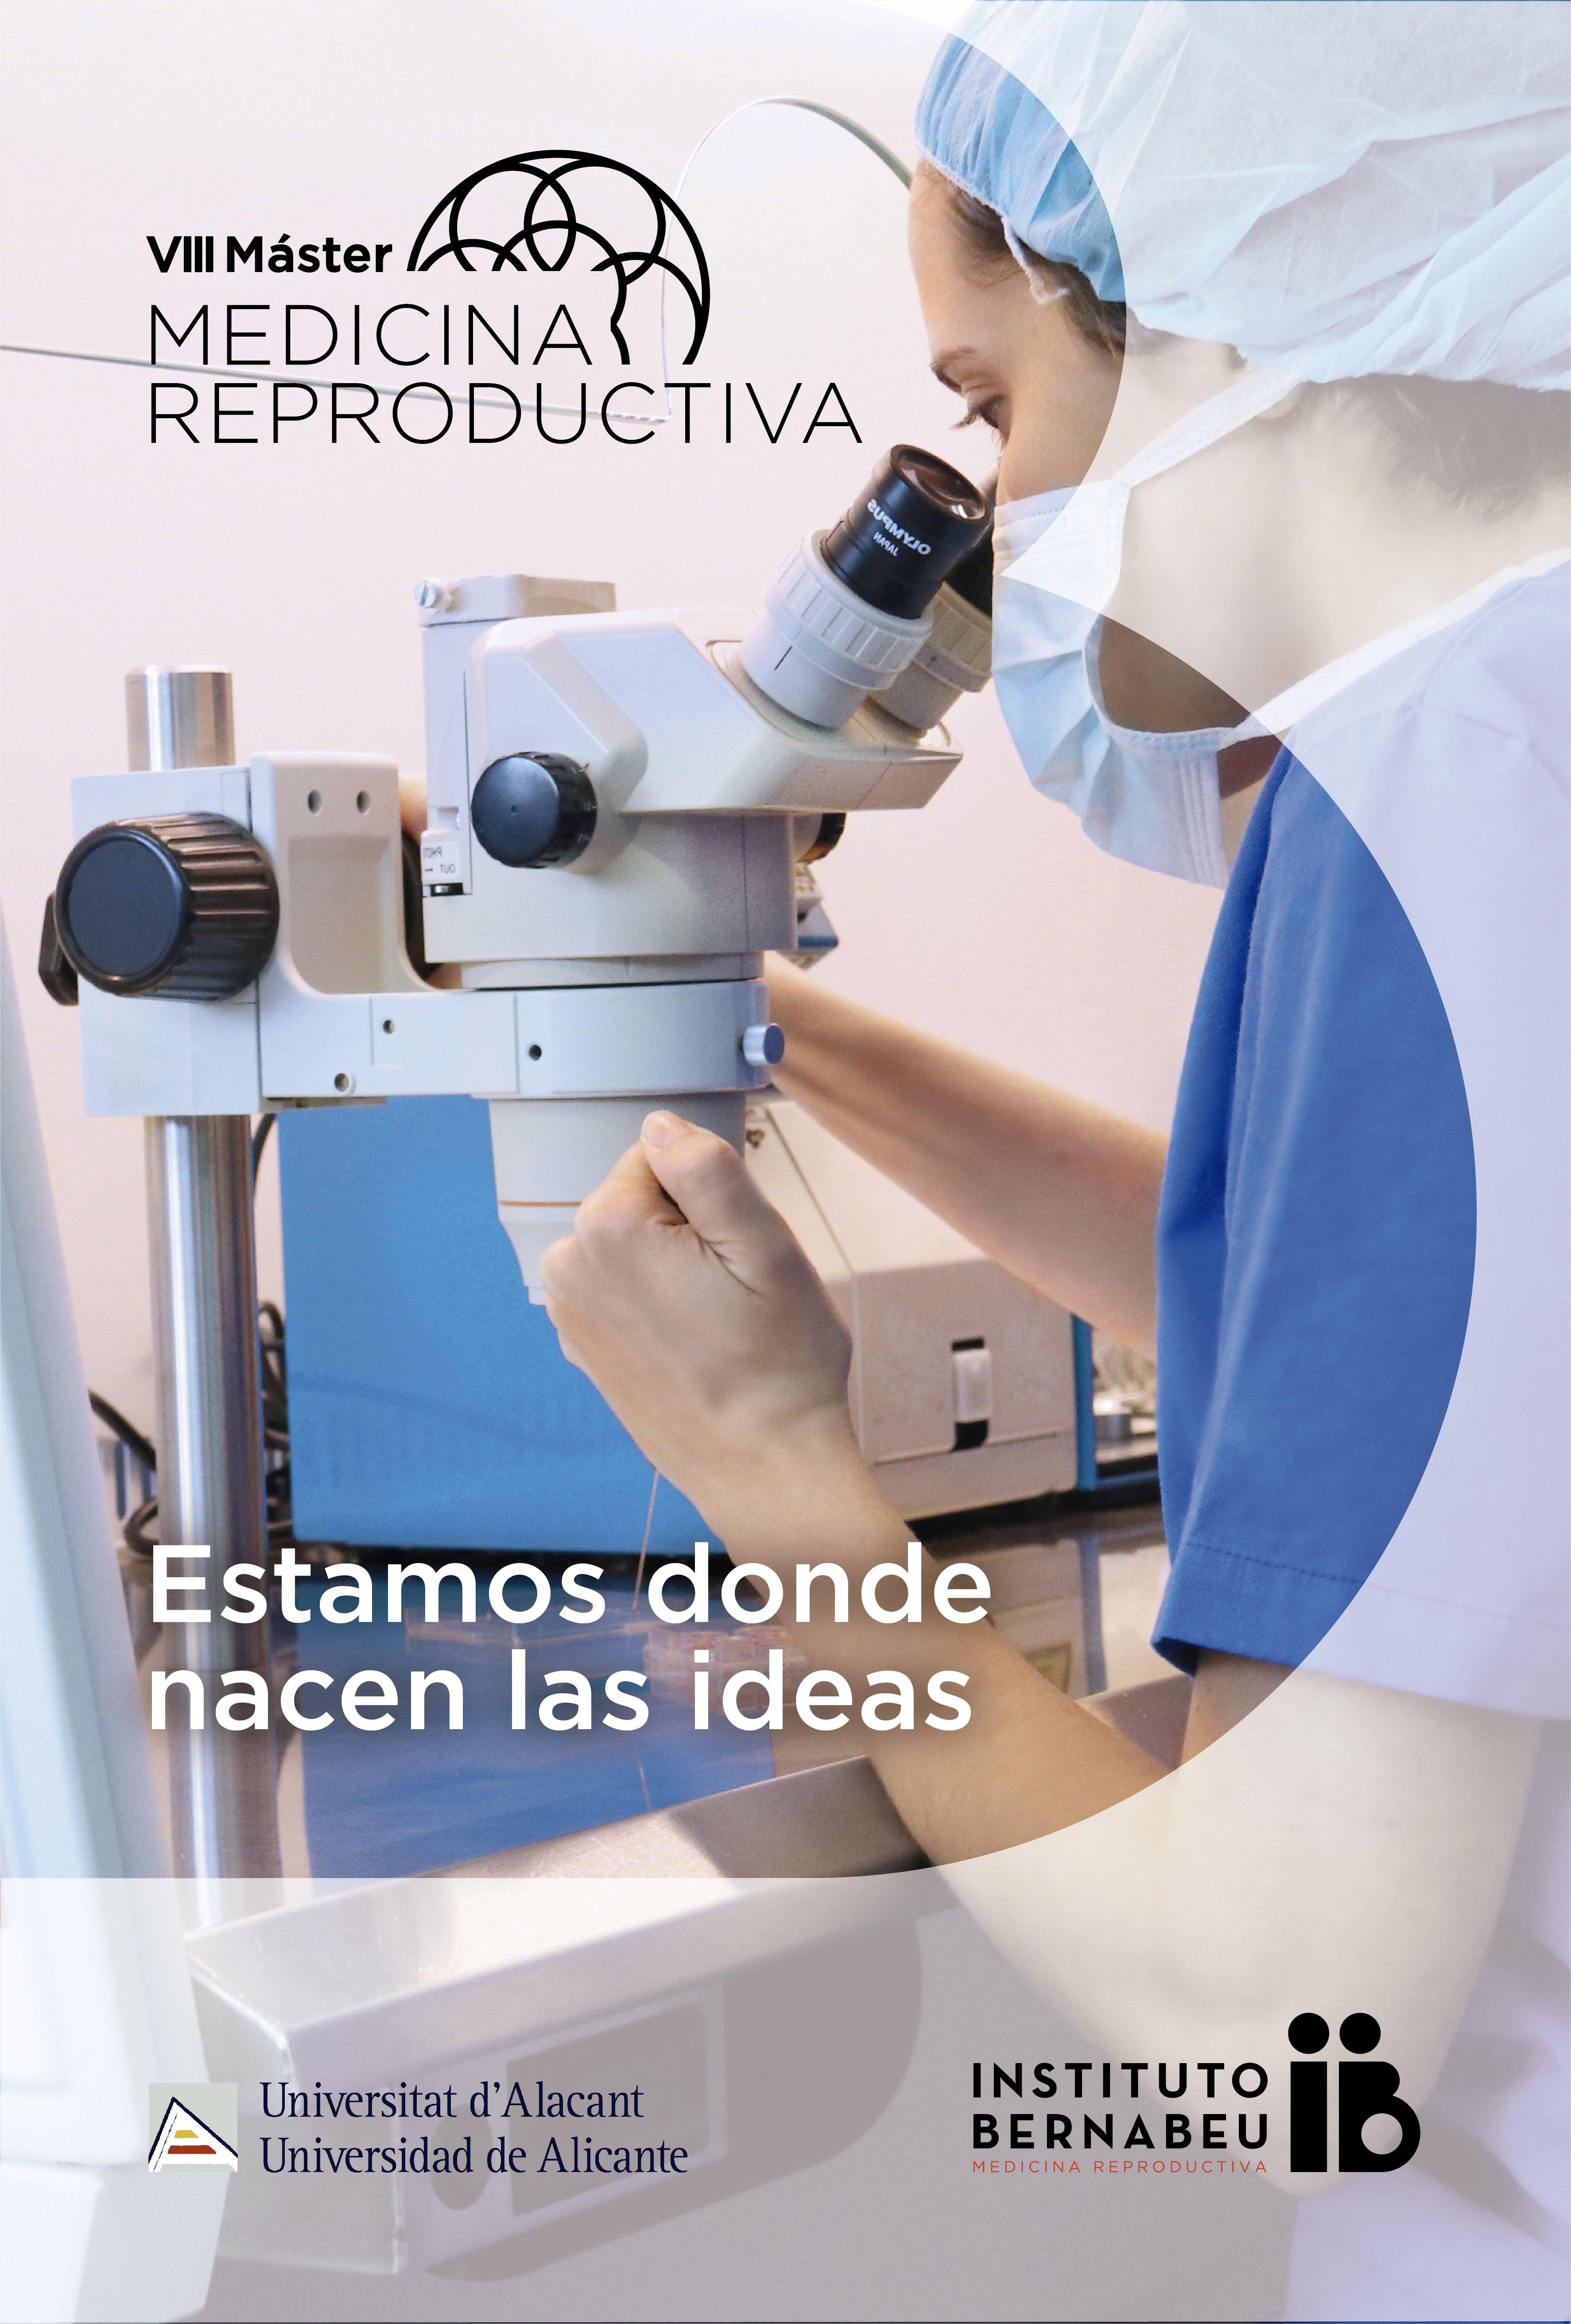 VIII Máster en Medicina Reproductiva Universidad de Alicante - Instituto Bernabeu